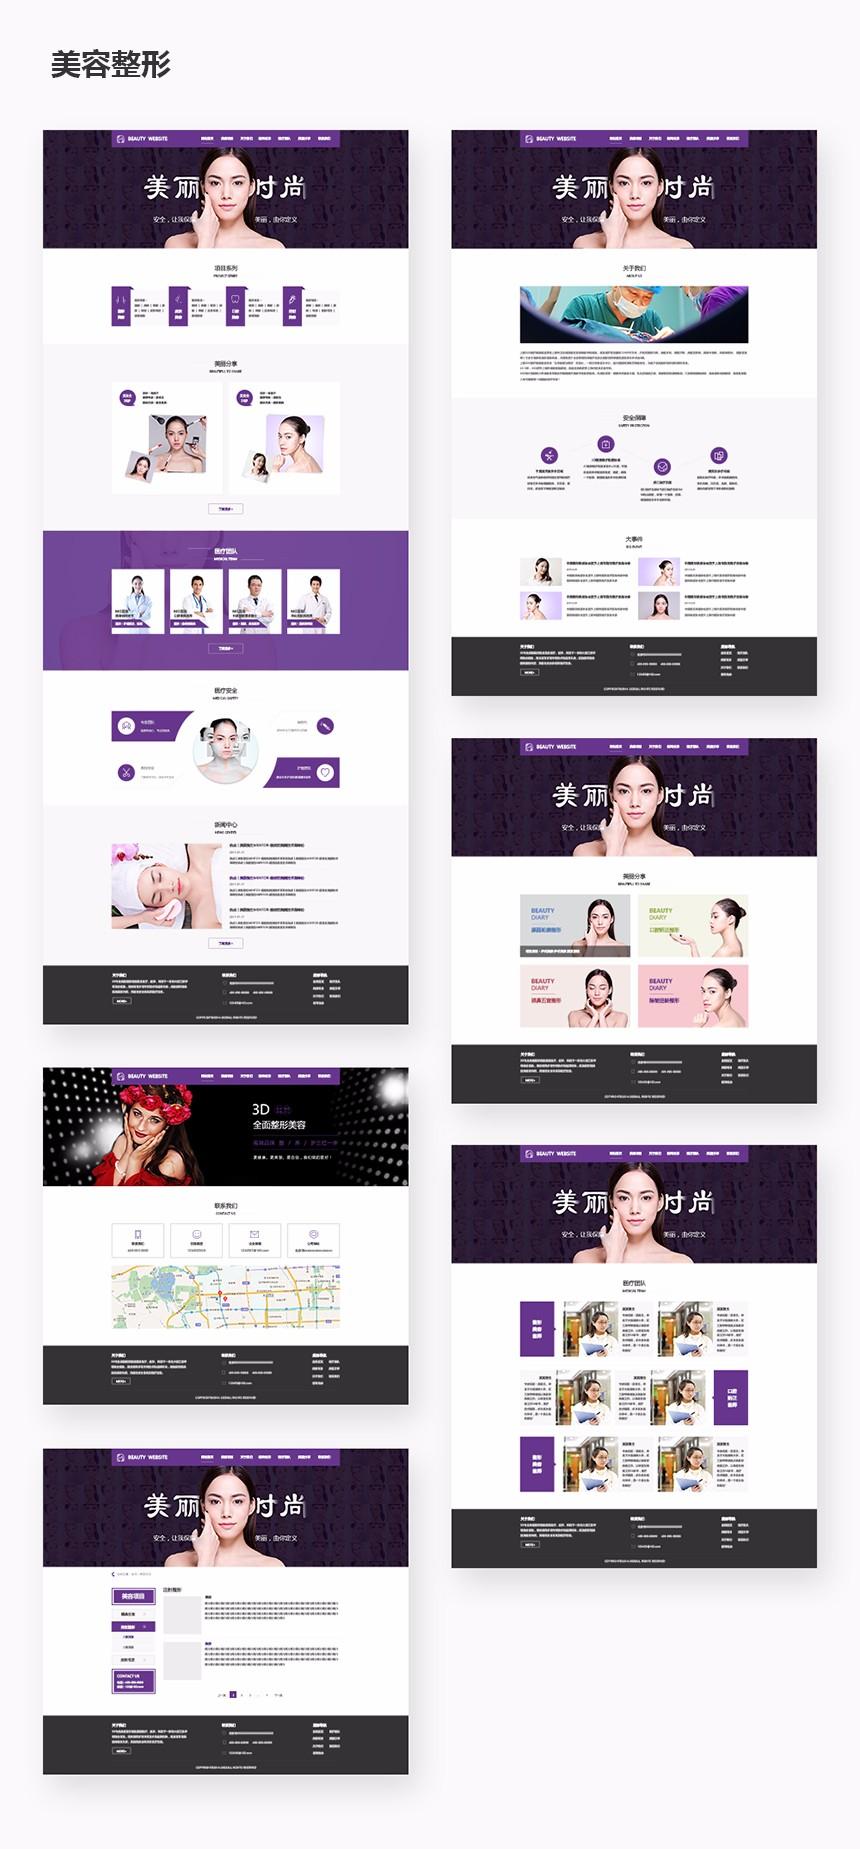 重庆美容整形网站模版样式.jpg